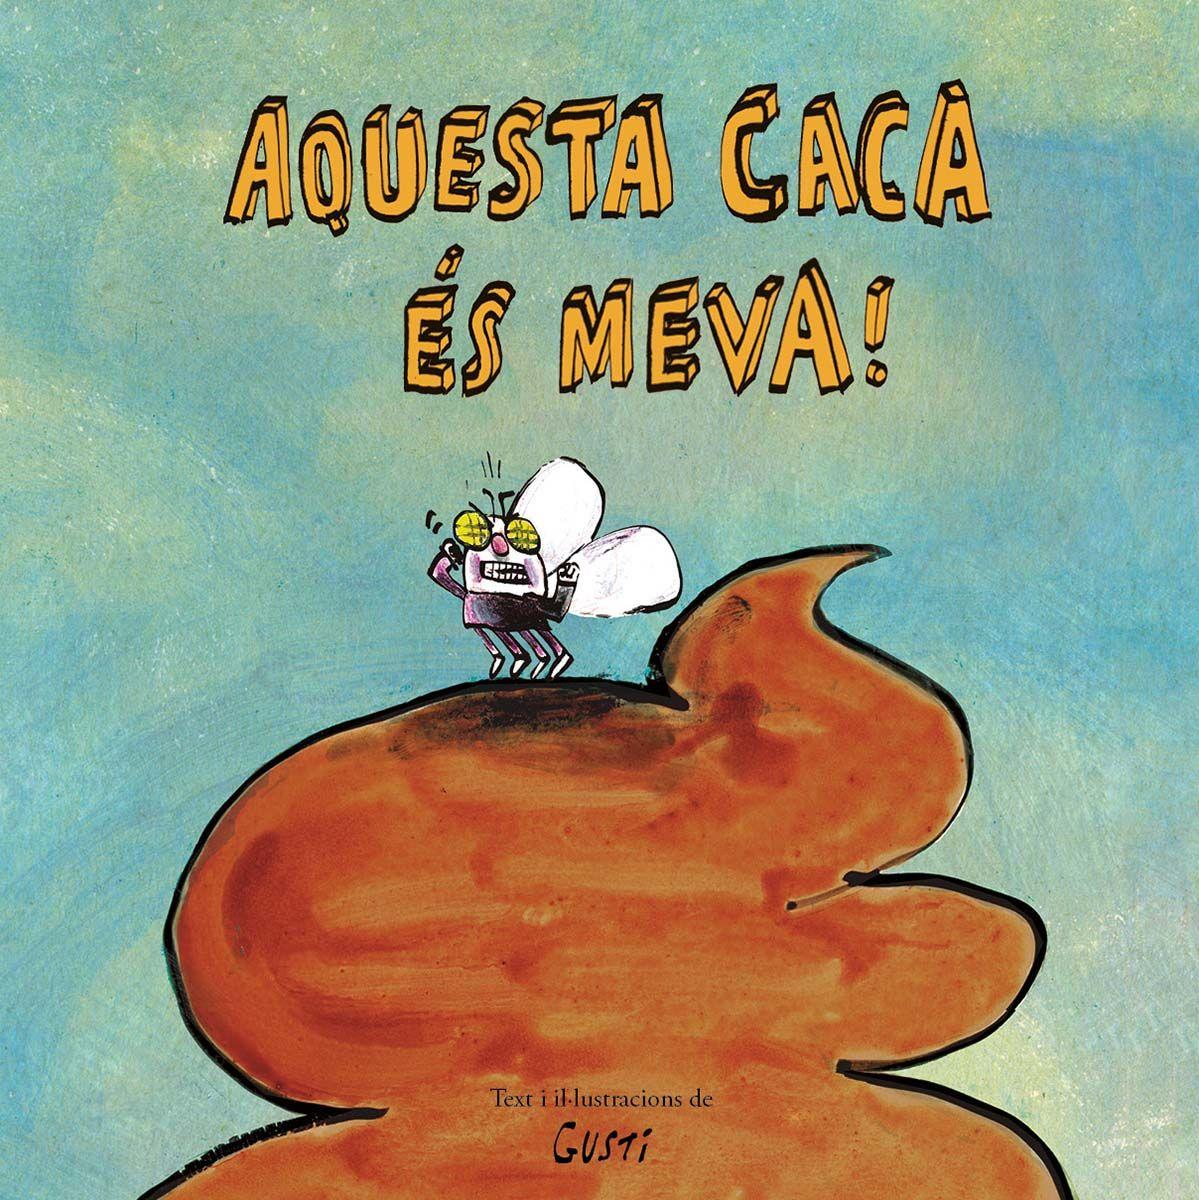 AQUESTA CACA ES MEVA